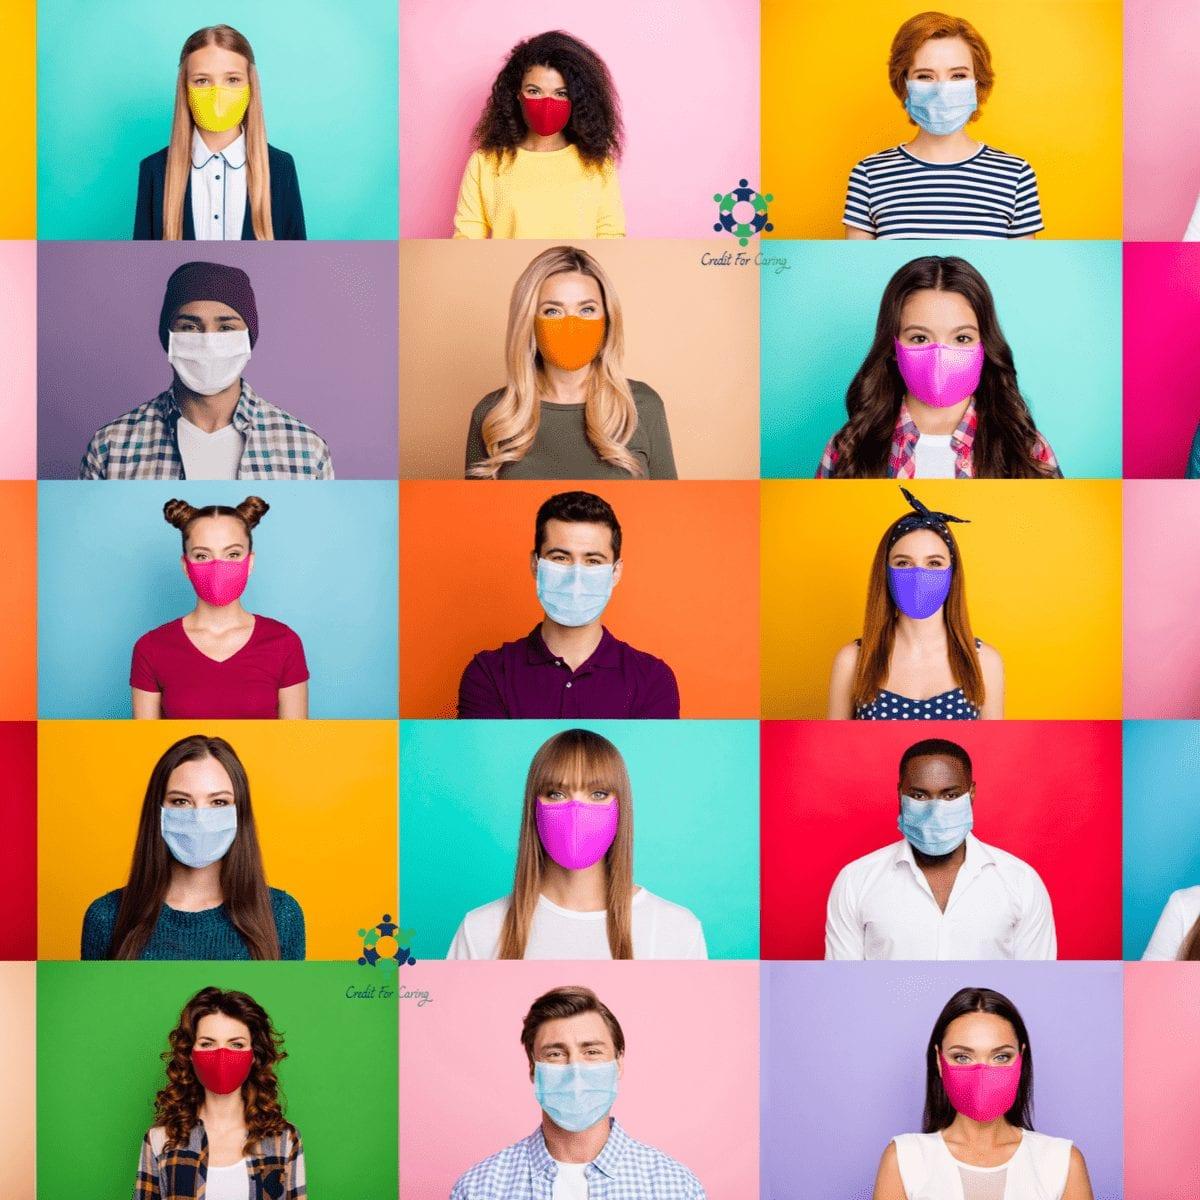 Pandemic Urgent Masks Campaign